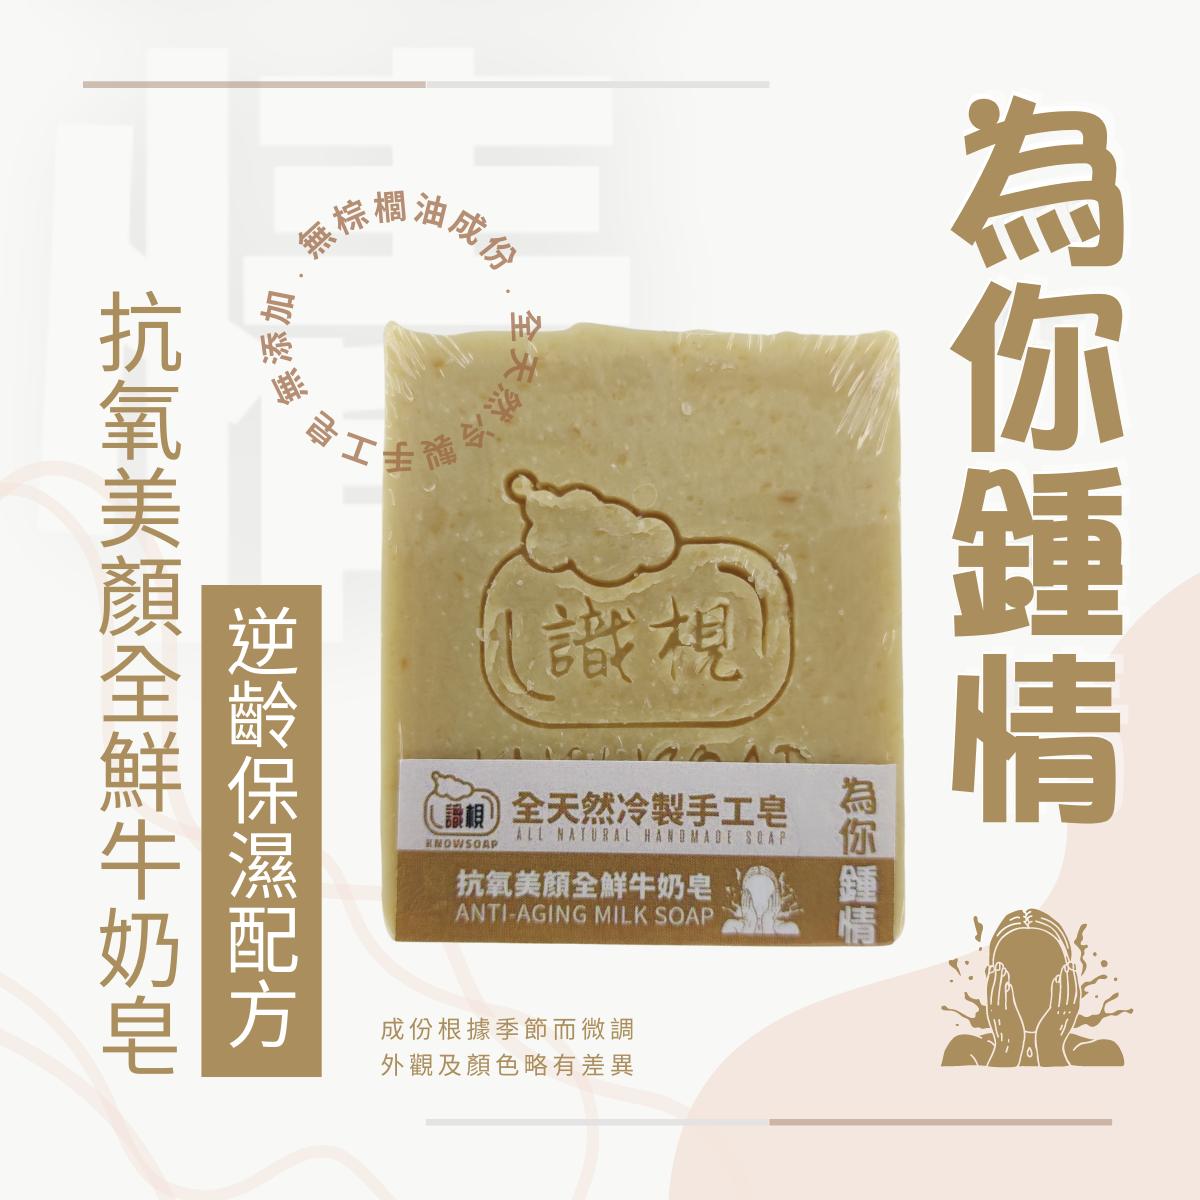 全天然手工皂 100%冷制 handmade soap 【識梘 KNOWSOAP】 為你鍾情:抗氧美顏全鮮牛奶皂 逆齡保濕配方FC9001